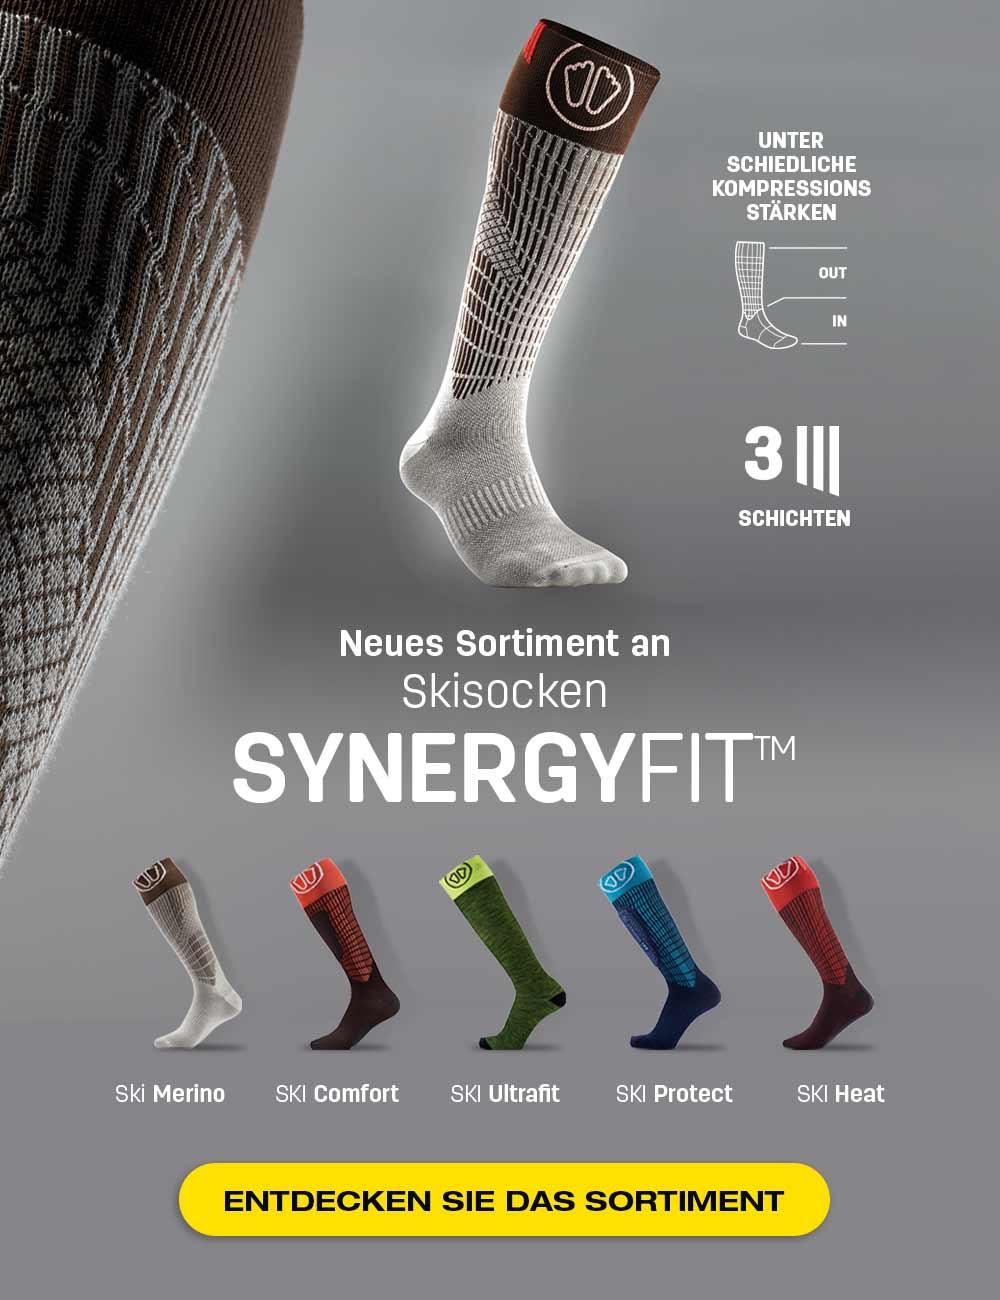 Entdecken Sie unsere neuen SynergyFit Skisocken, angepasst an Ihre Bedürfnisse!